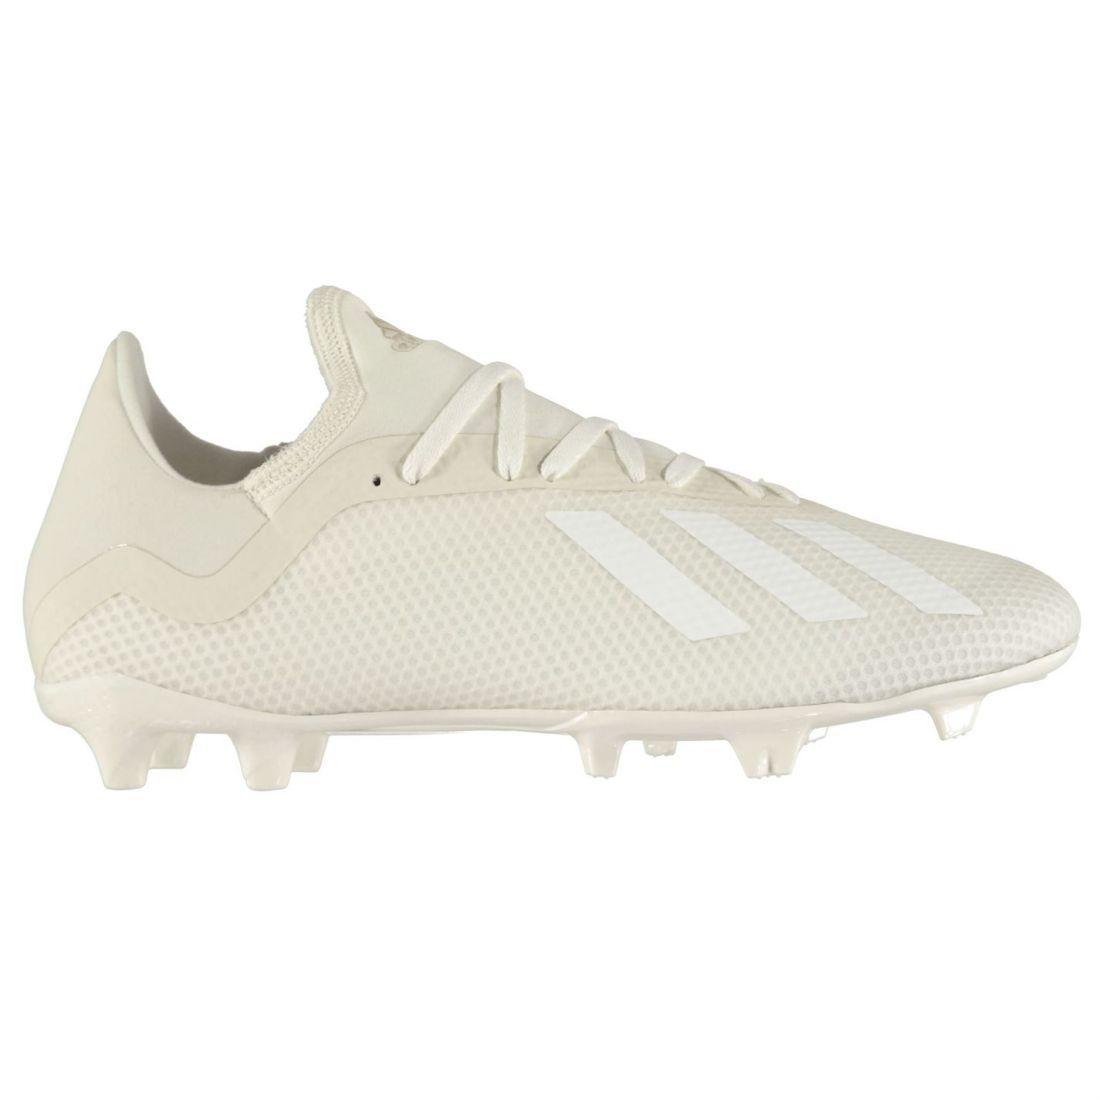 ef06266e7 adidas X 18.3 Mens FG Football BOOTS UK 7.5 US 8 EUR 41.1/3 Ref 4975 ...